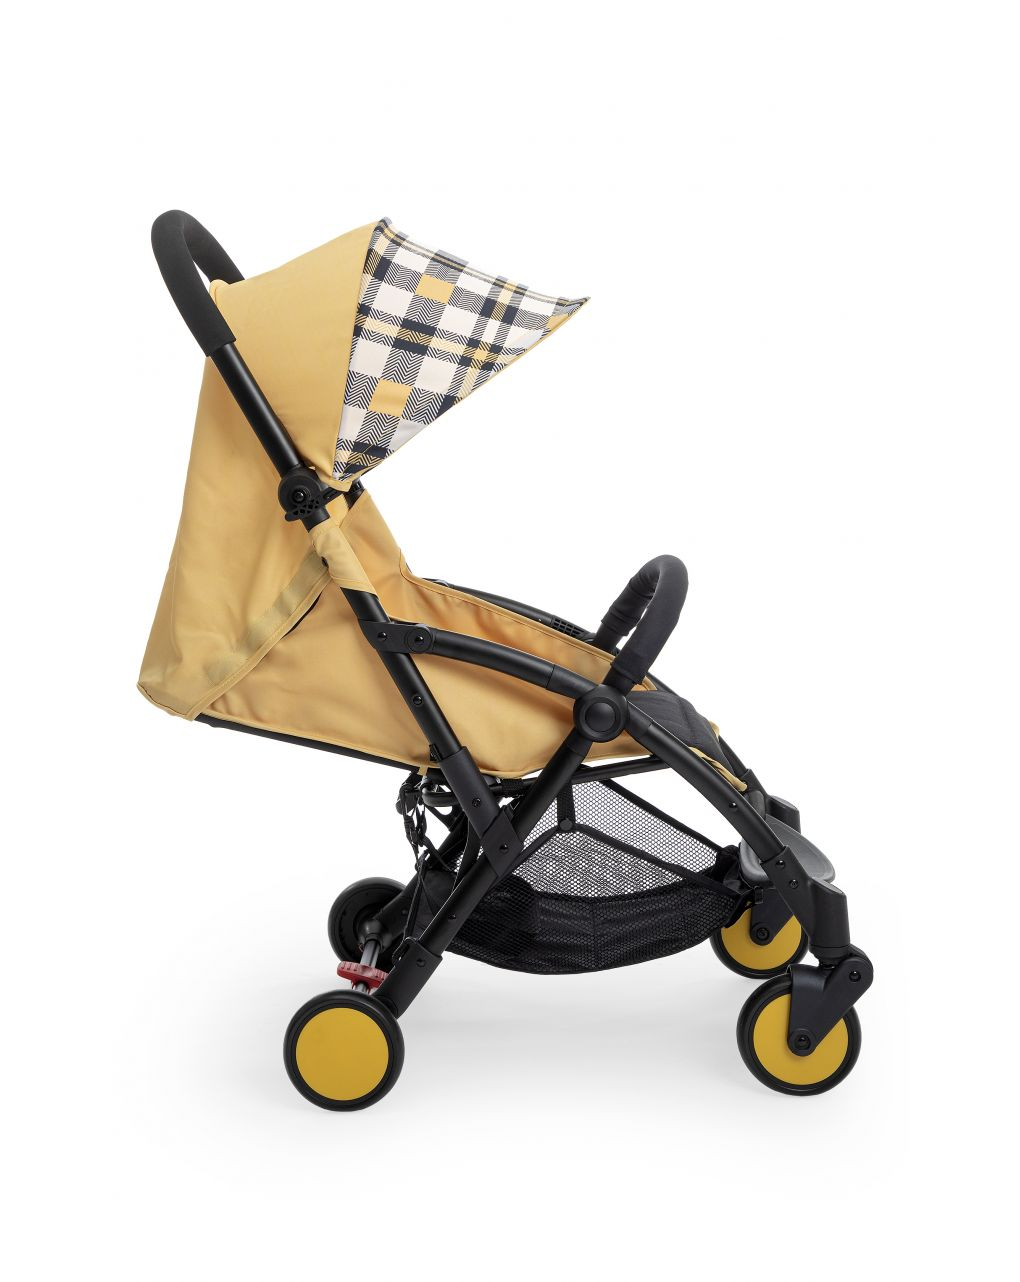 Passeggino venice yellow - Giordani